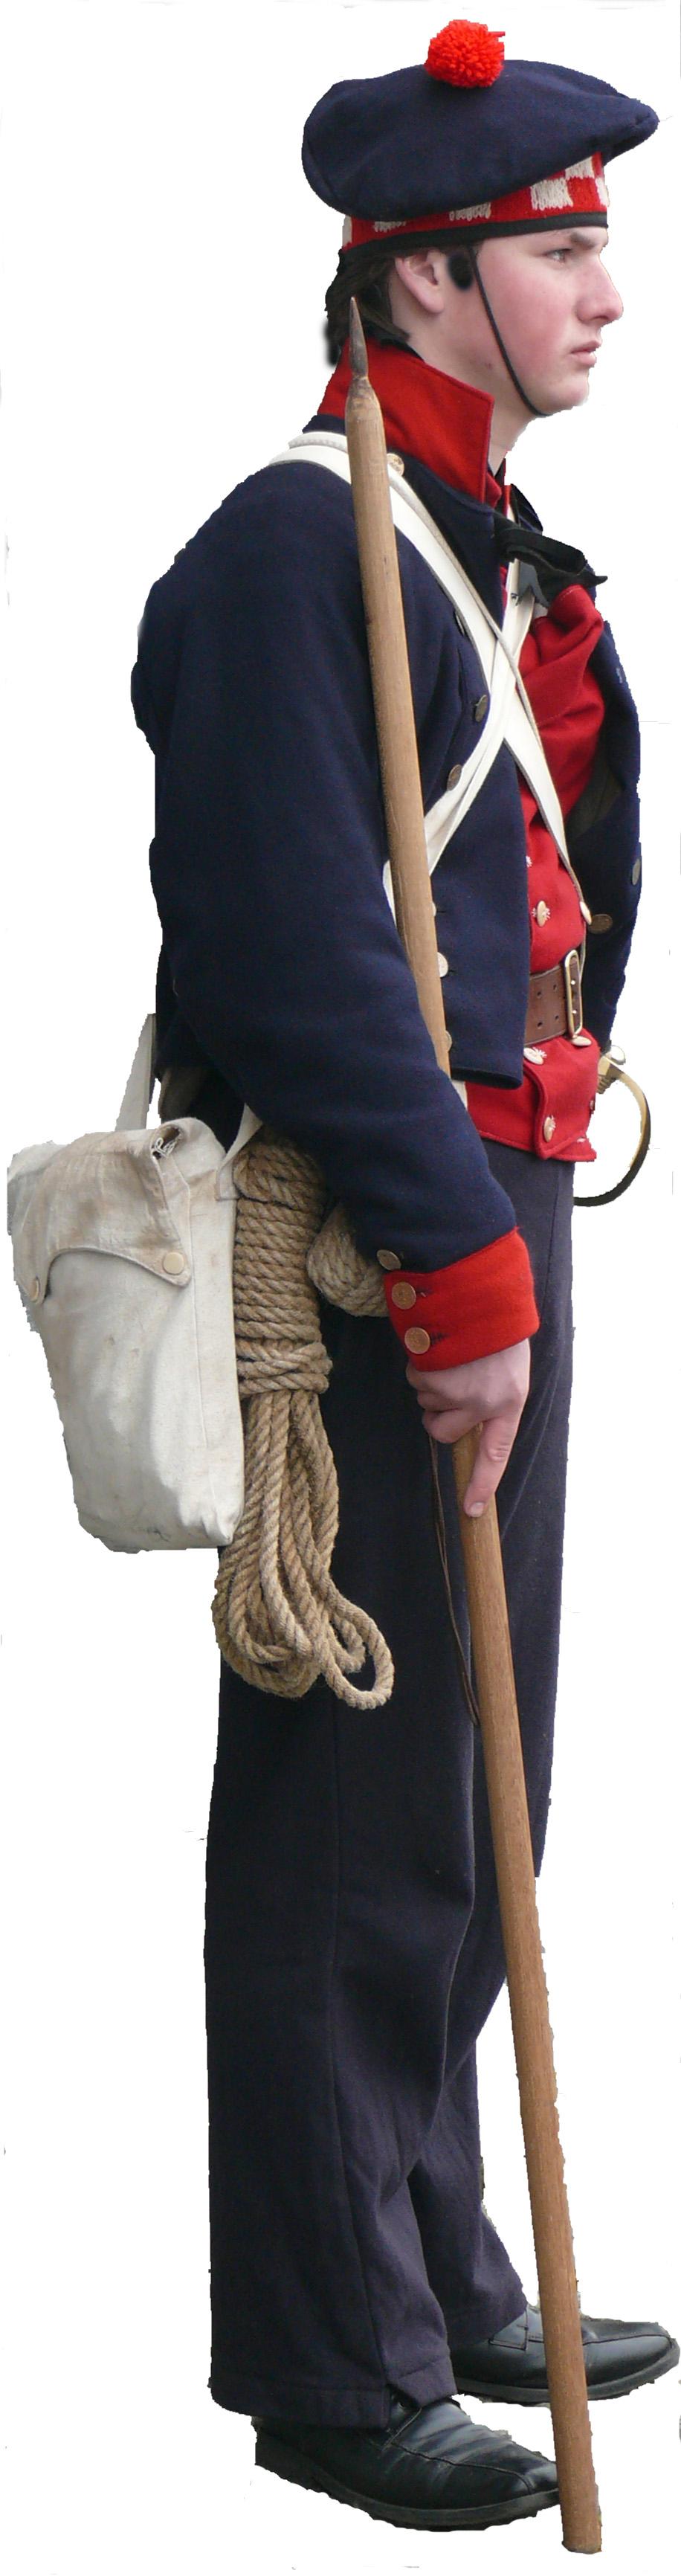 Matroos in 'monteering' - 1797-1805 - Bataafse Republiek - Bataafs Gemenebest (Marine Nederland - Navy Netherlands - Marine Hollandais - Batavian Republic - Republique Batave  -  Equipage De Delft naval re-enactment